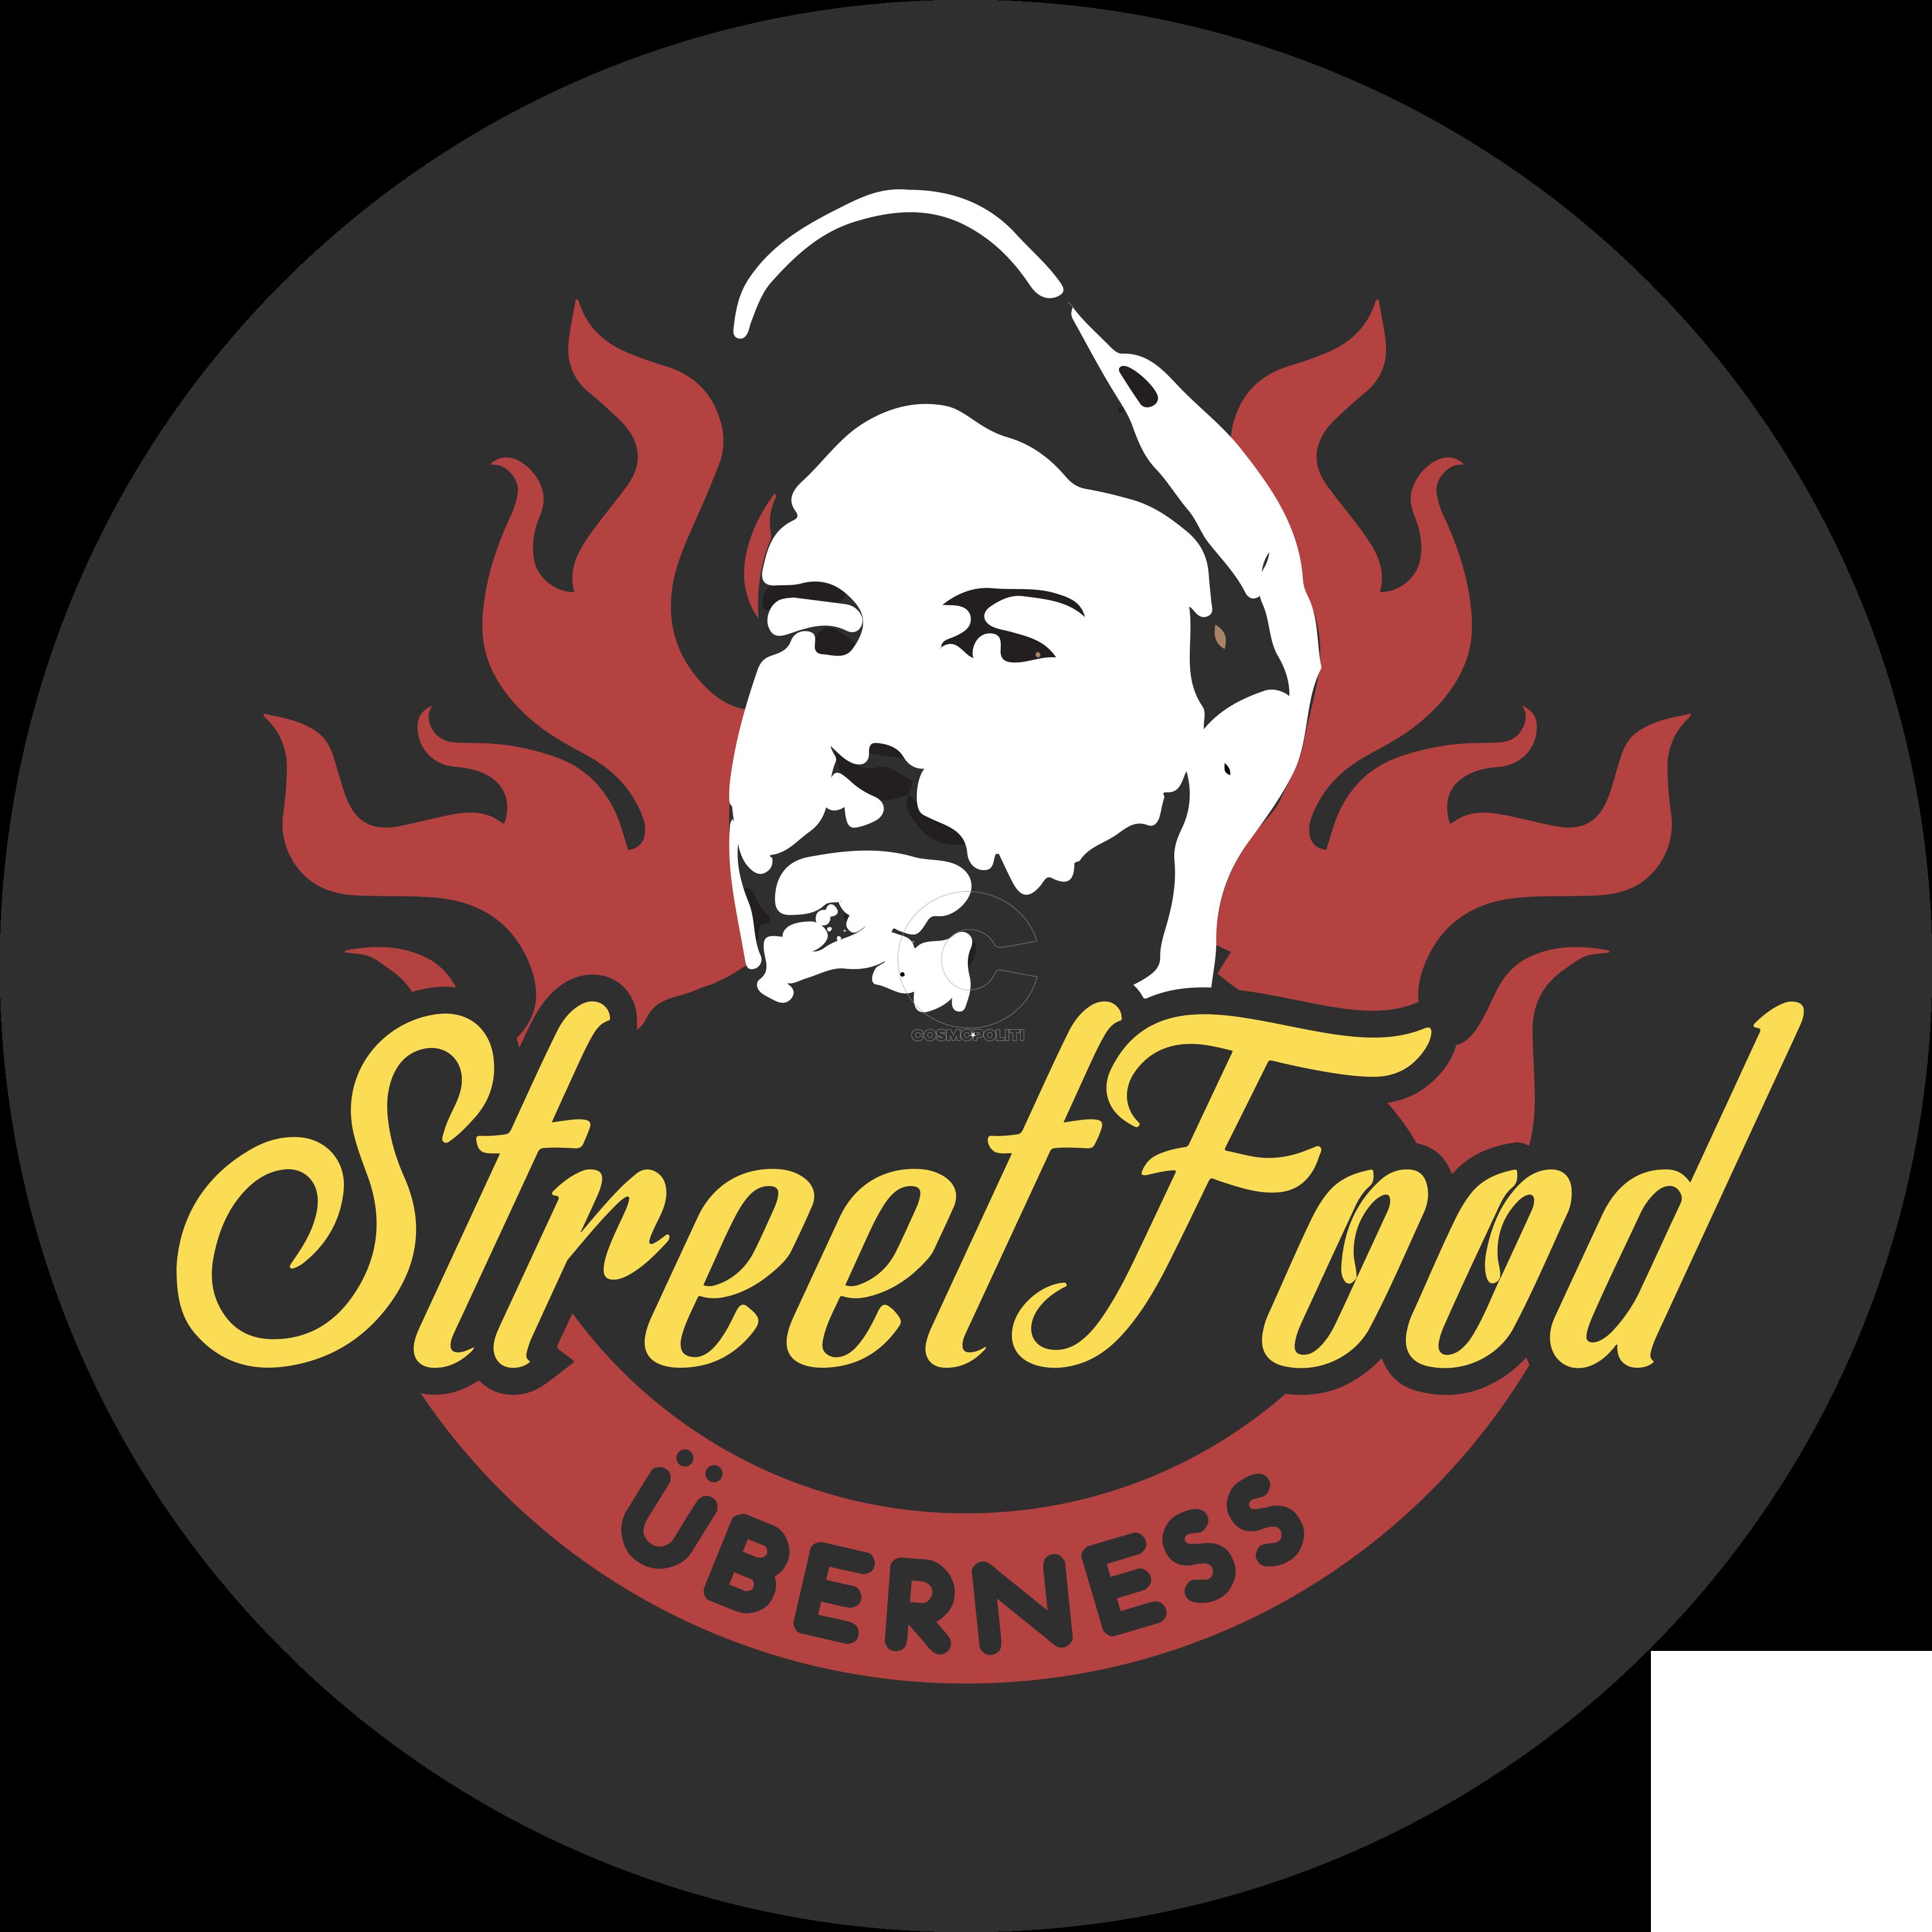 Streetfood_logo